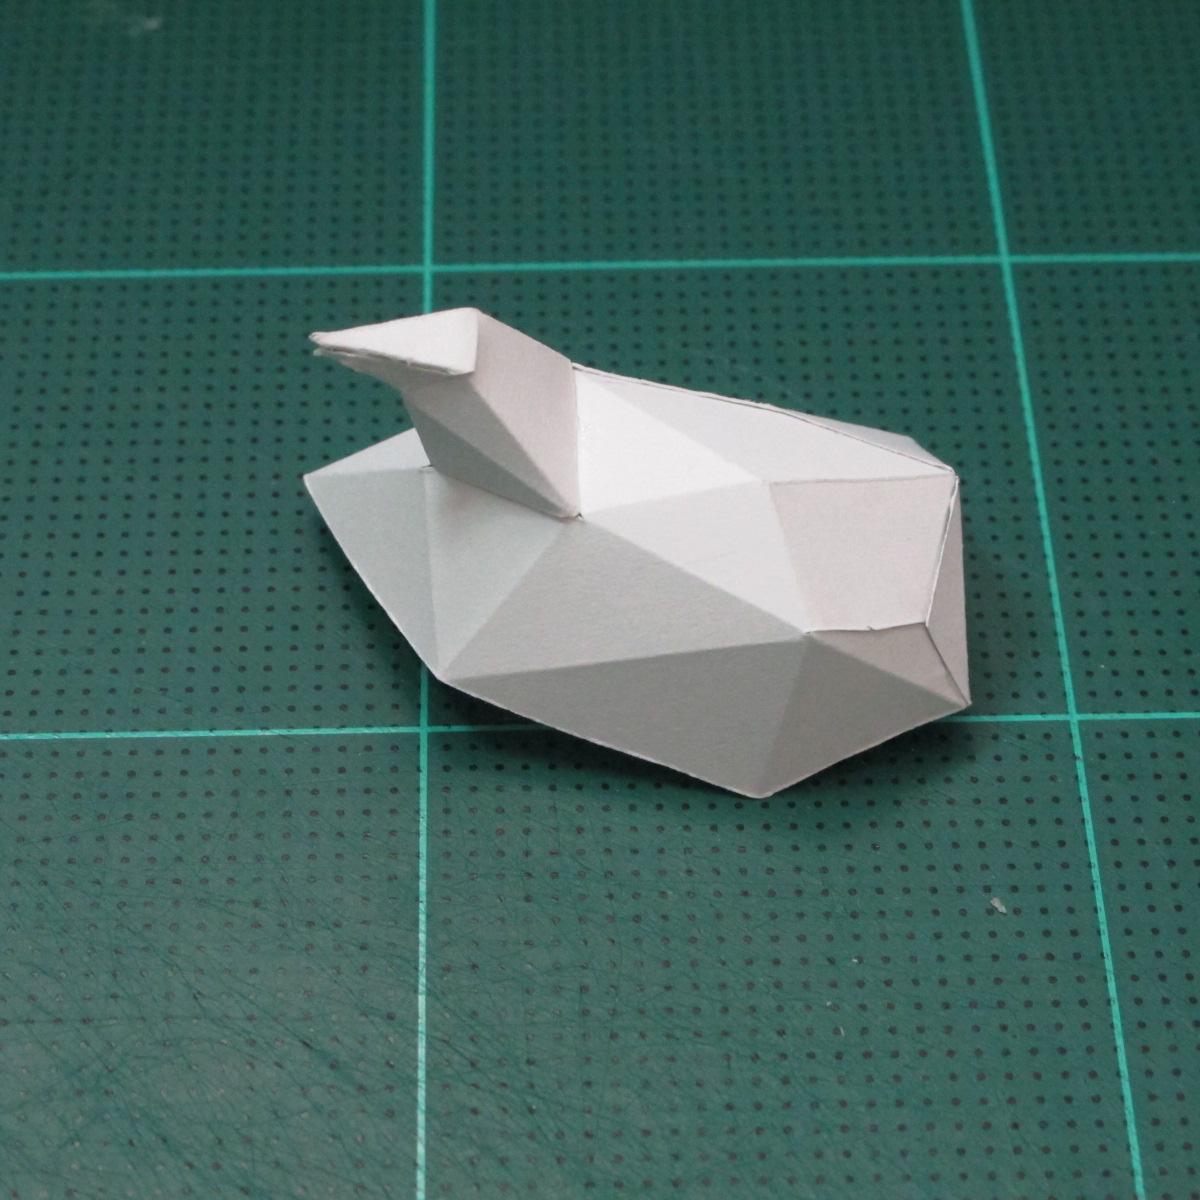 วิธีทำโมเดลกระดาษคุกกี้รสคุกกี้แอนด์ครีม  (Cookie Run Cream Cookie Papercraft Model) 003